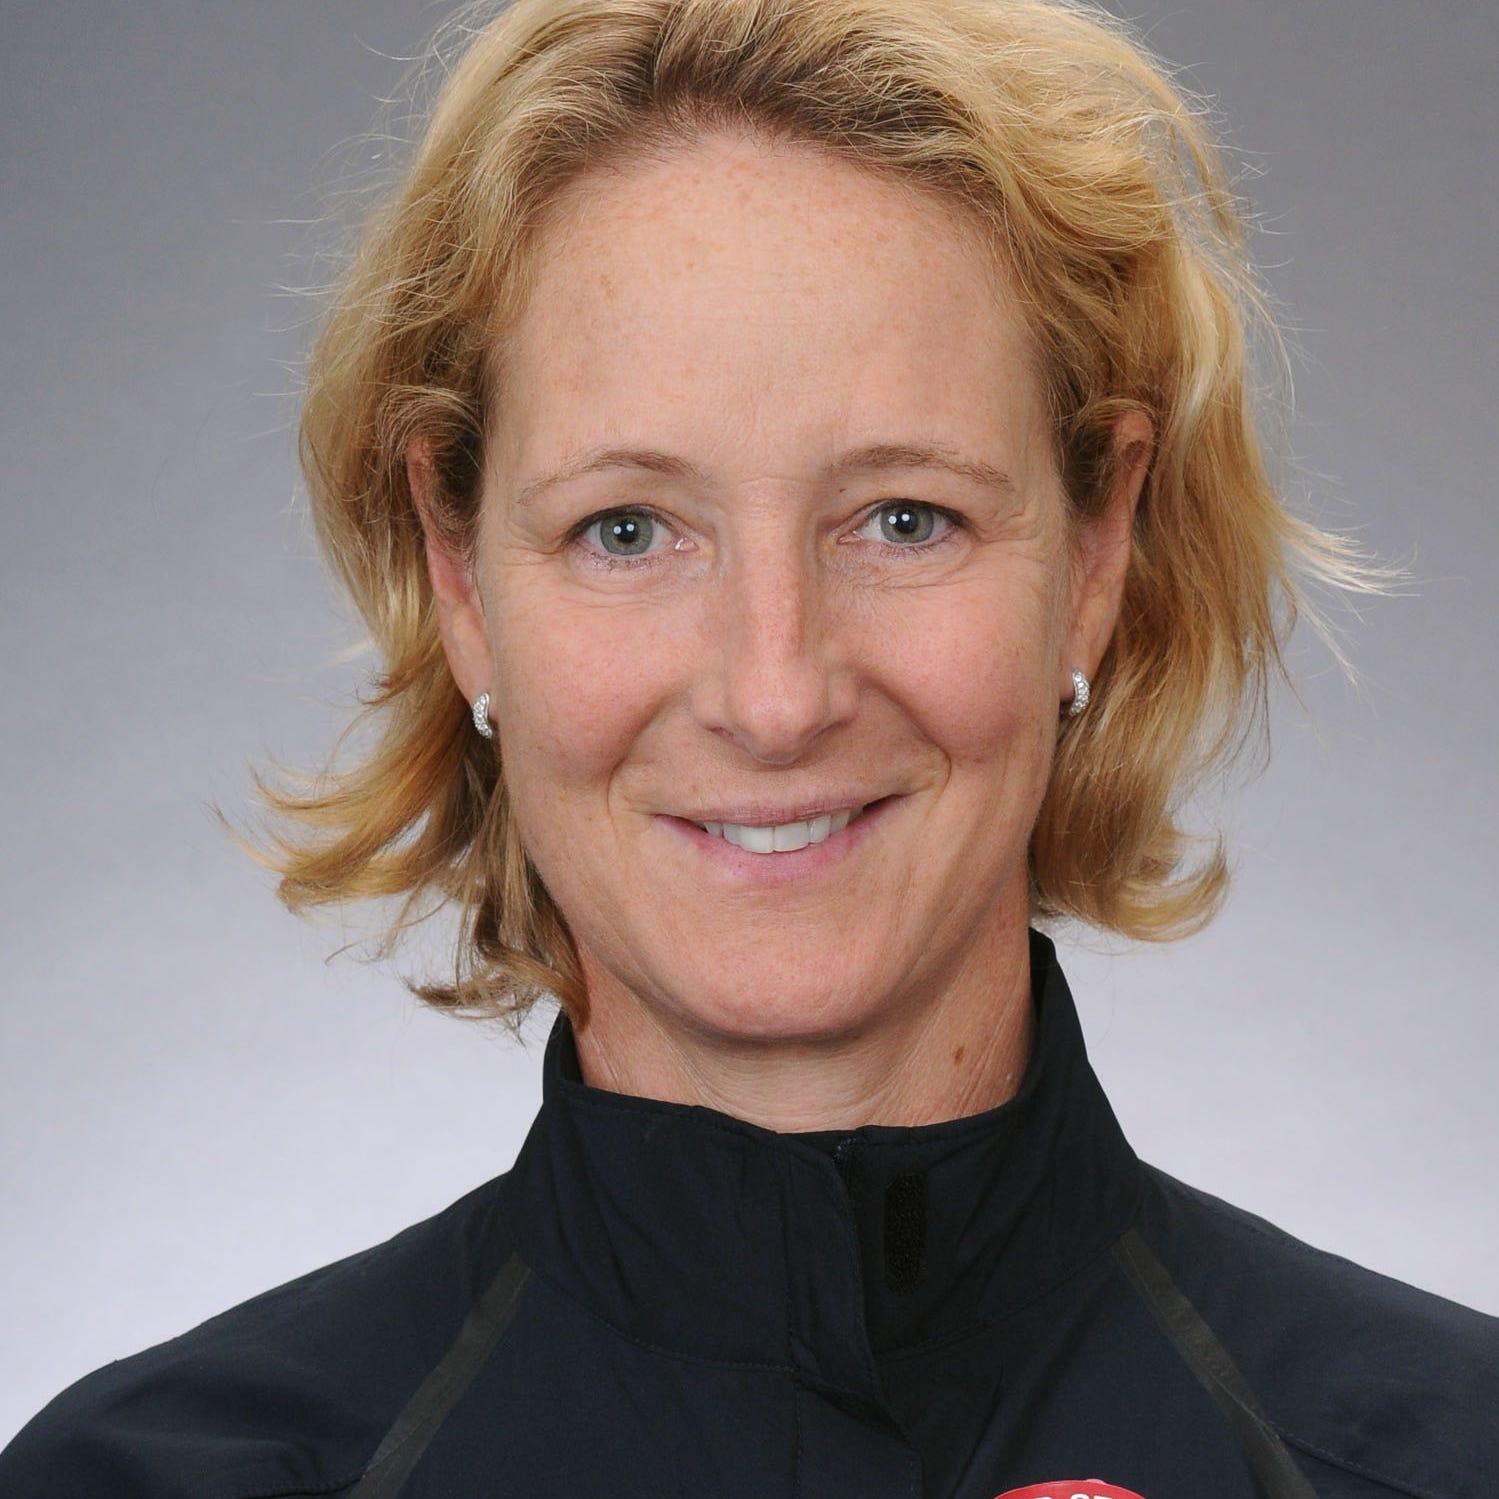 Sabine Schut-Kery